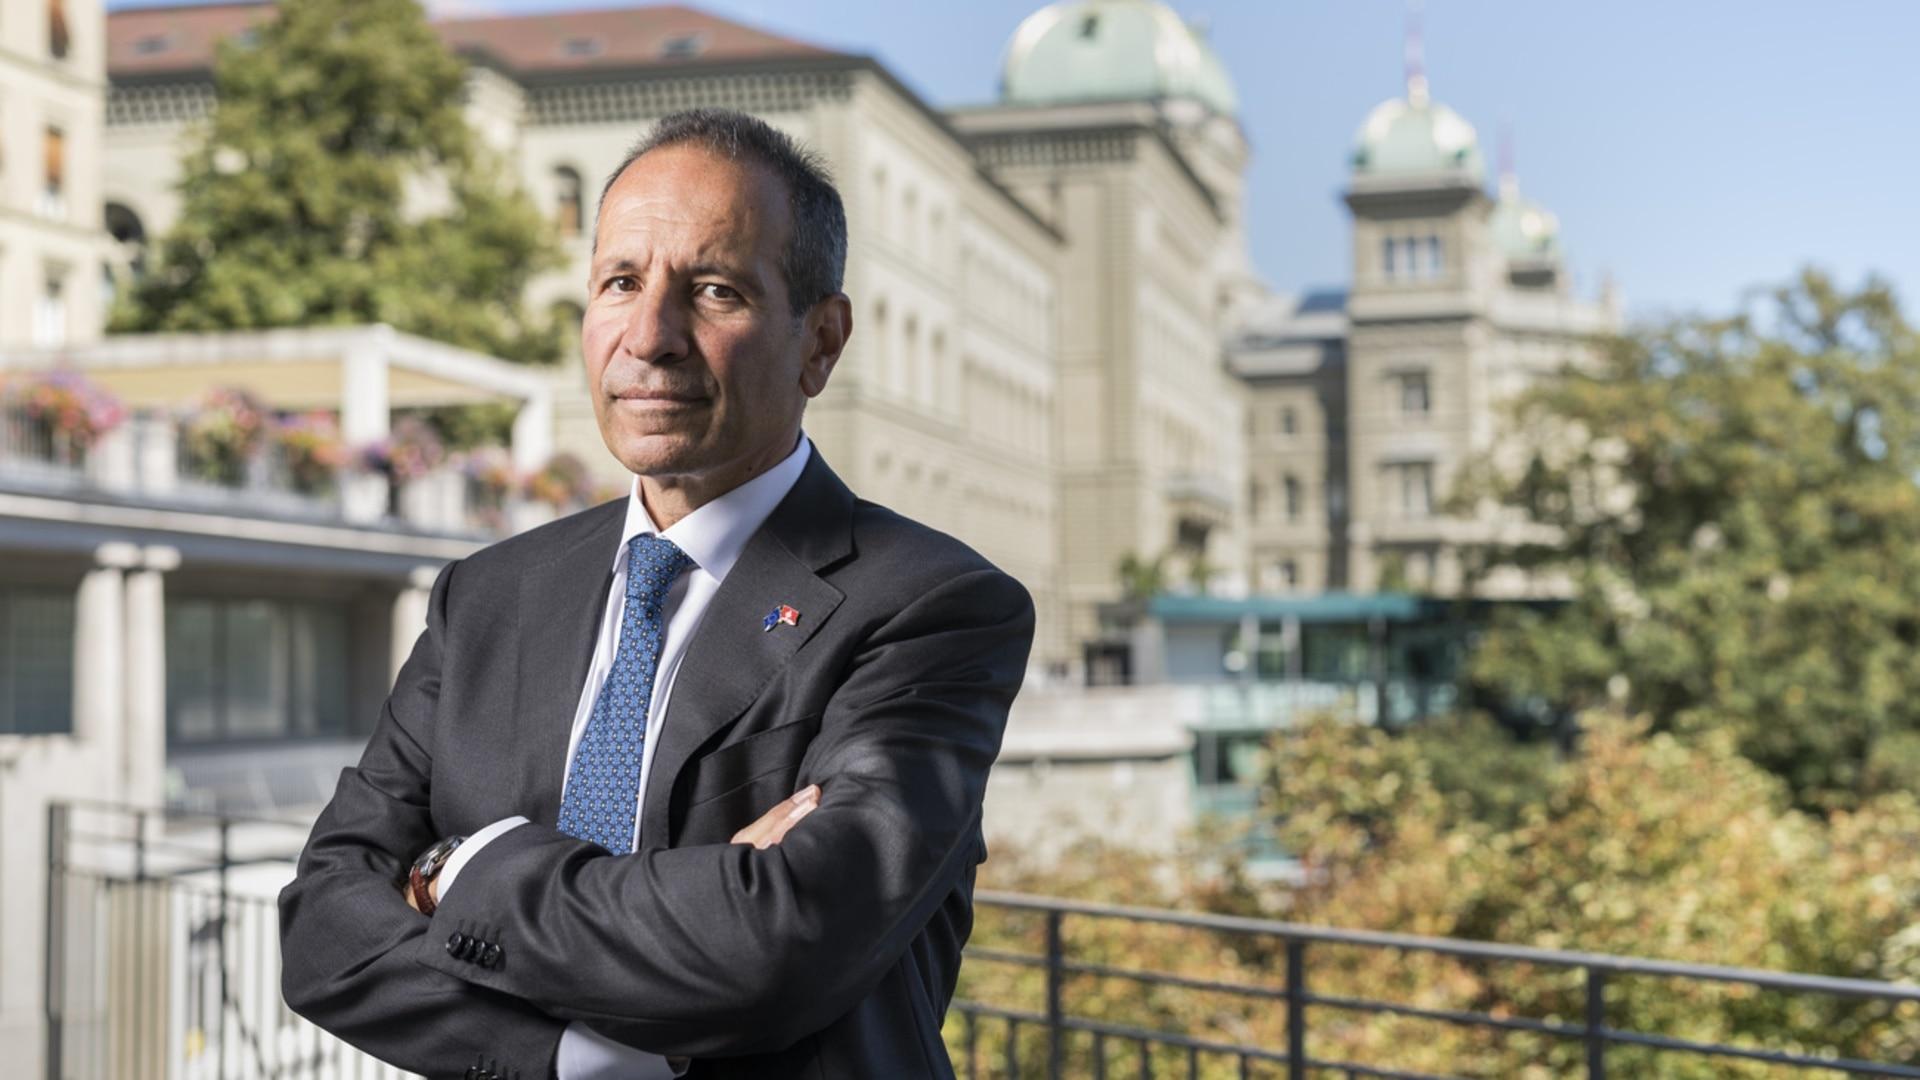 Der-EU-Gesandte-warnte-davor-dass-es-ohne-ein-Rahmenabkommen-zwischen-der-Schweiz-und-der-Europ-ischen-Union-keinen-Status-quo-geben-w-rde